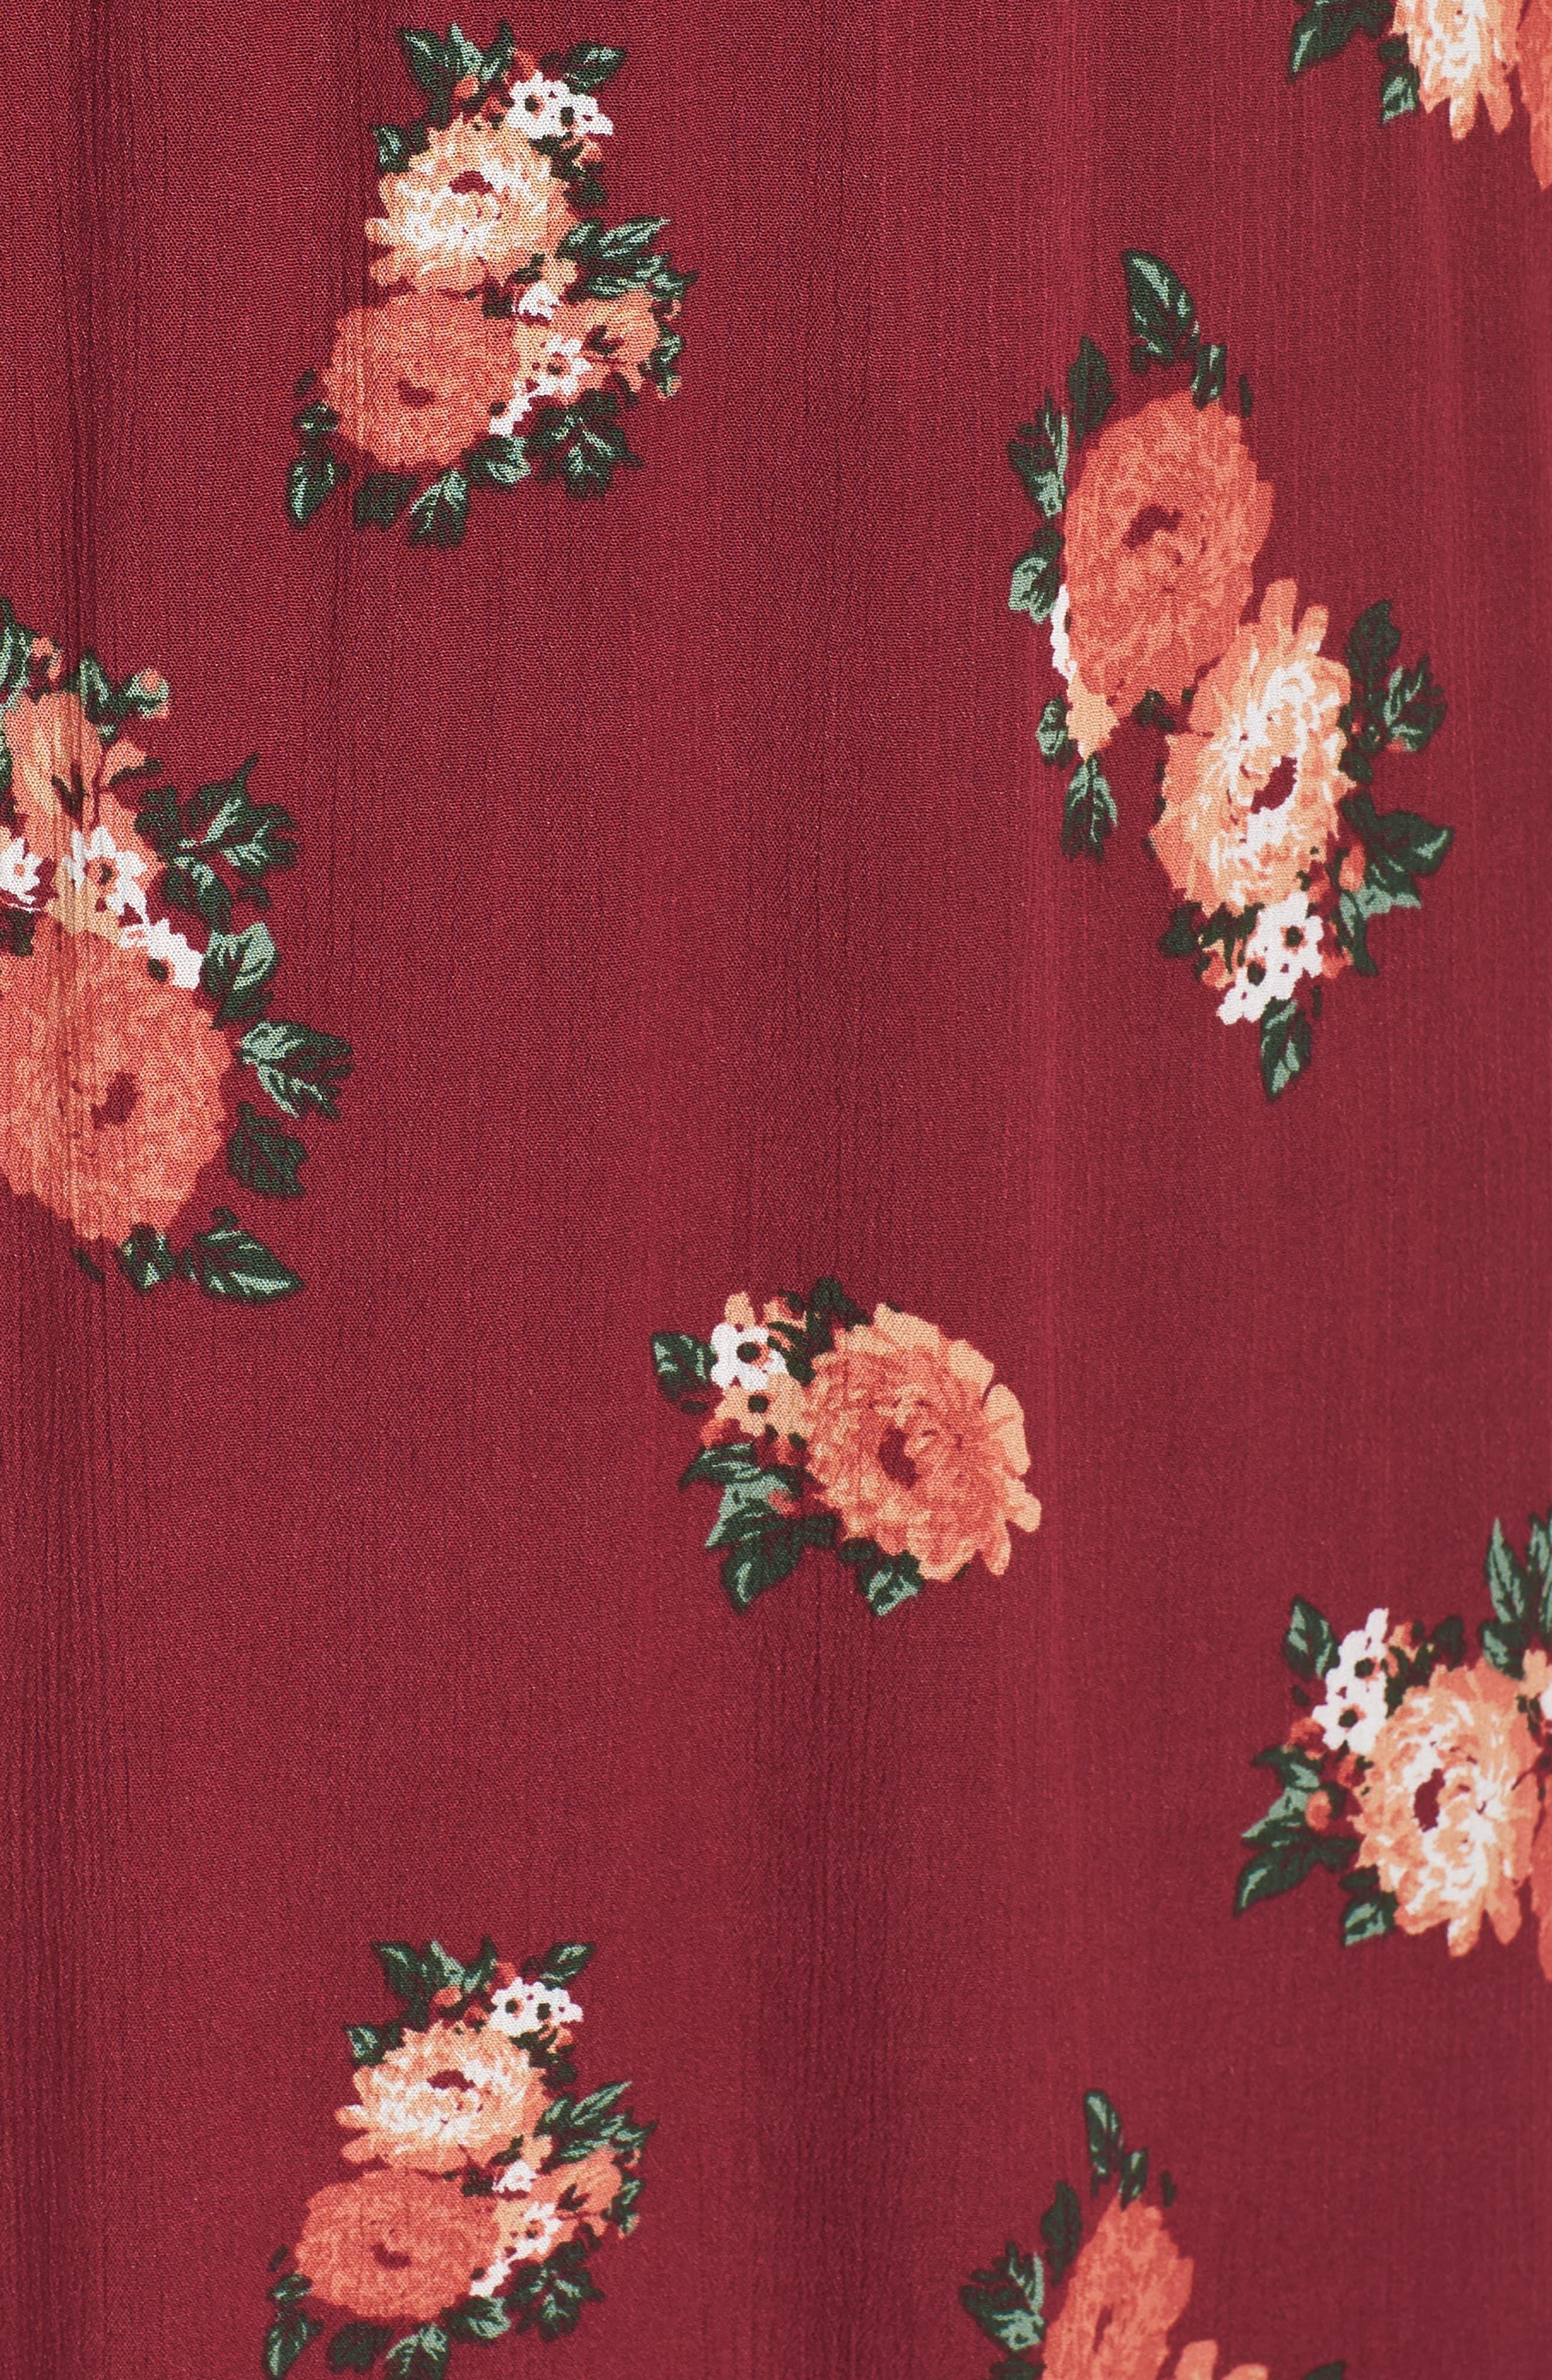 Blouson Midi Dress,                             Alternate thumbnail 6, color,                             606